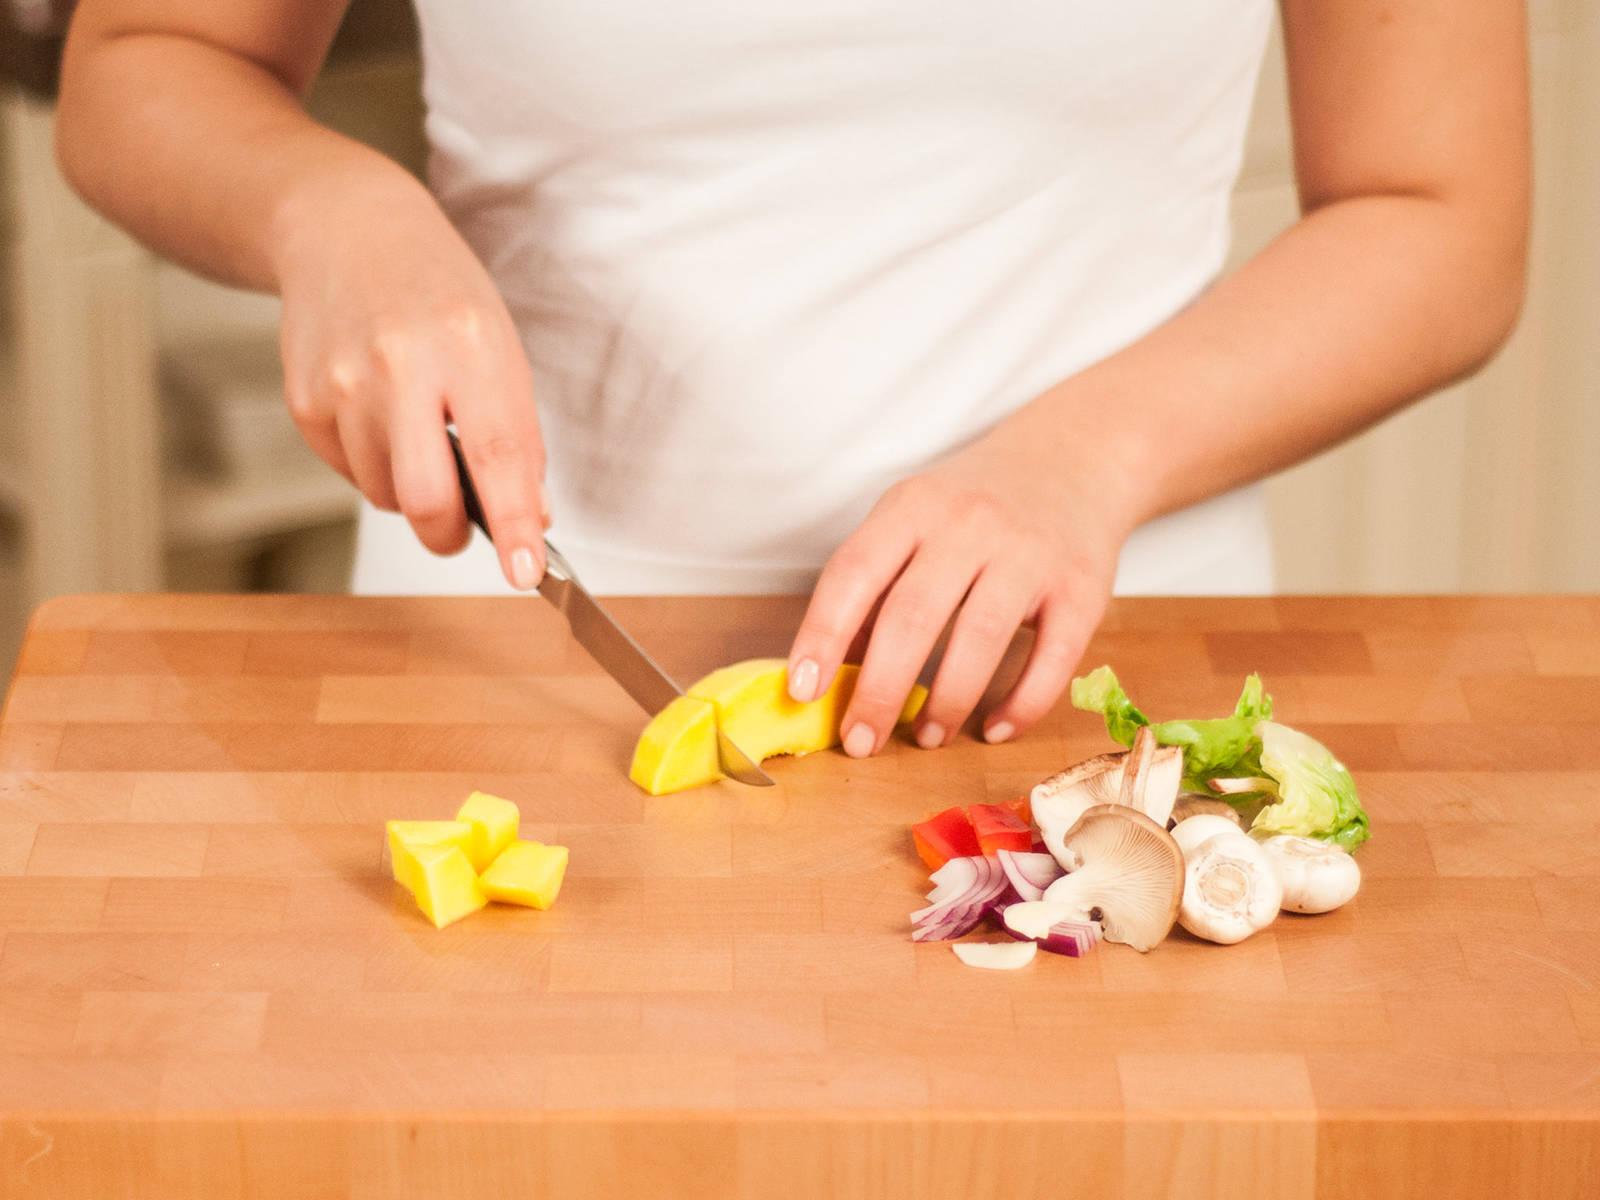 Frühlingszwiebeln in Ringe schneiden. Zwiebel und Knoblauch fein hacken. Außerdem Salat, Paprika, Waldpilze und Mango in mundgerechte Stücke schneiden.